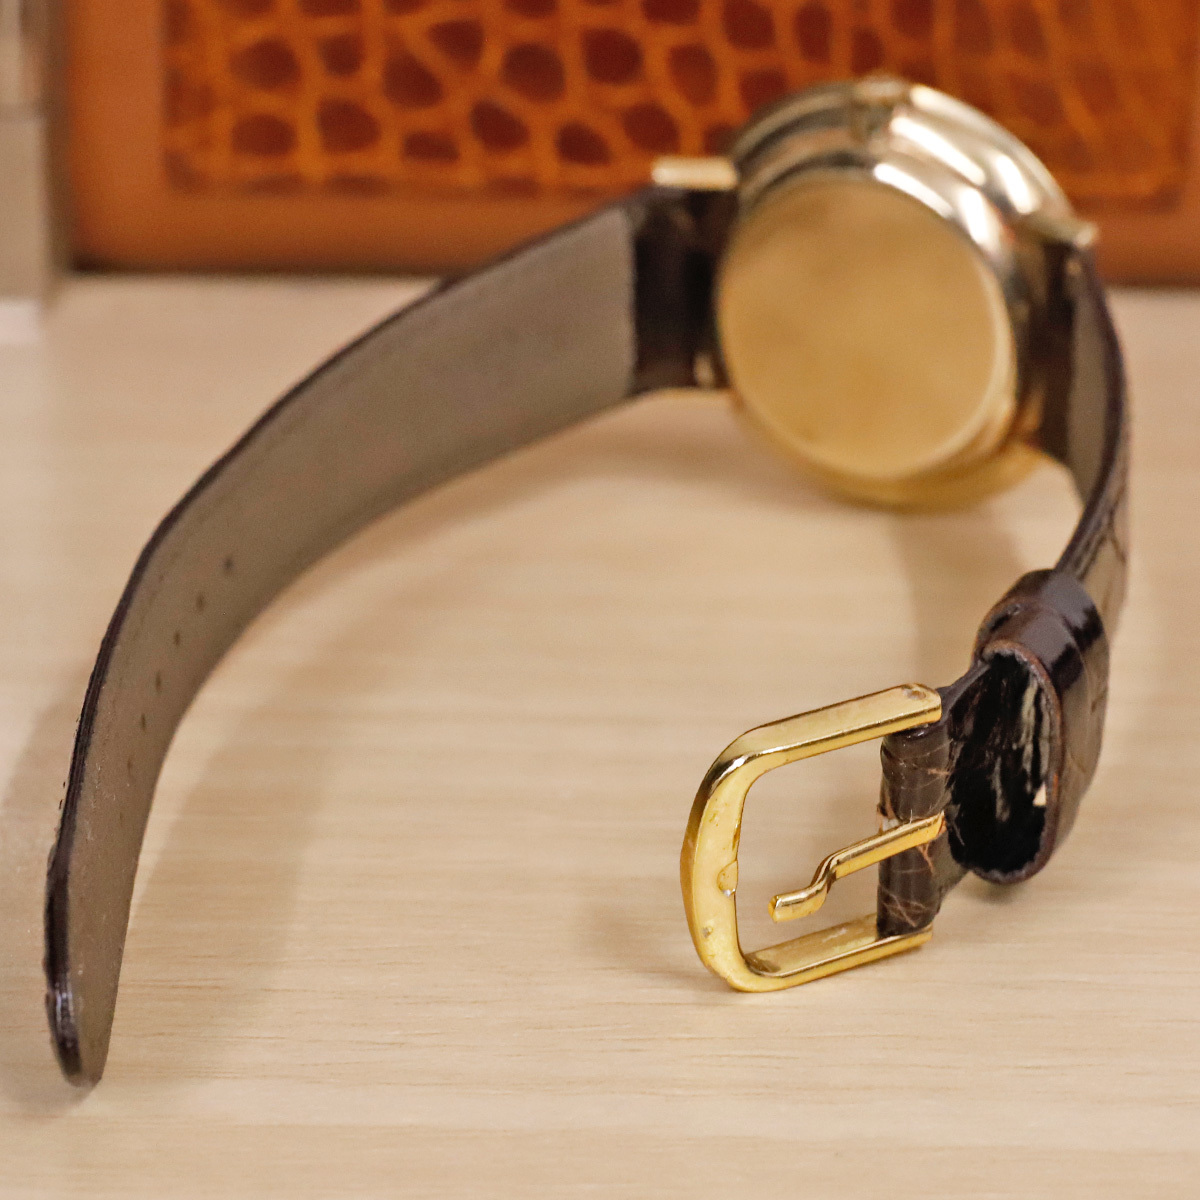 本物 オメガ 自動巻 オートマチック メンズウォッチ ゴールドケース 機械式腕時計 スイス製 正規品 OMEGA_画像6